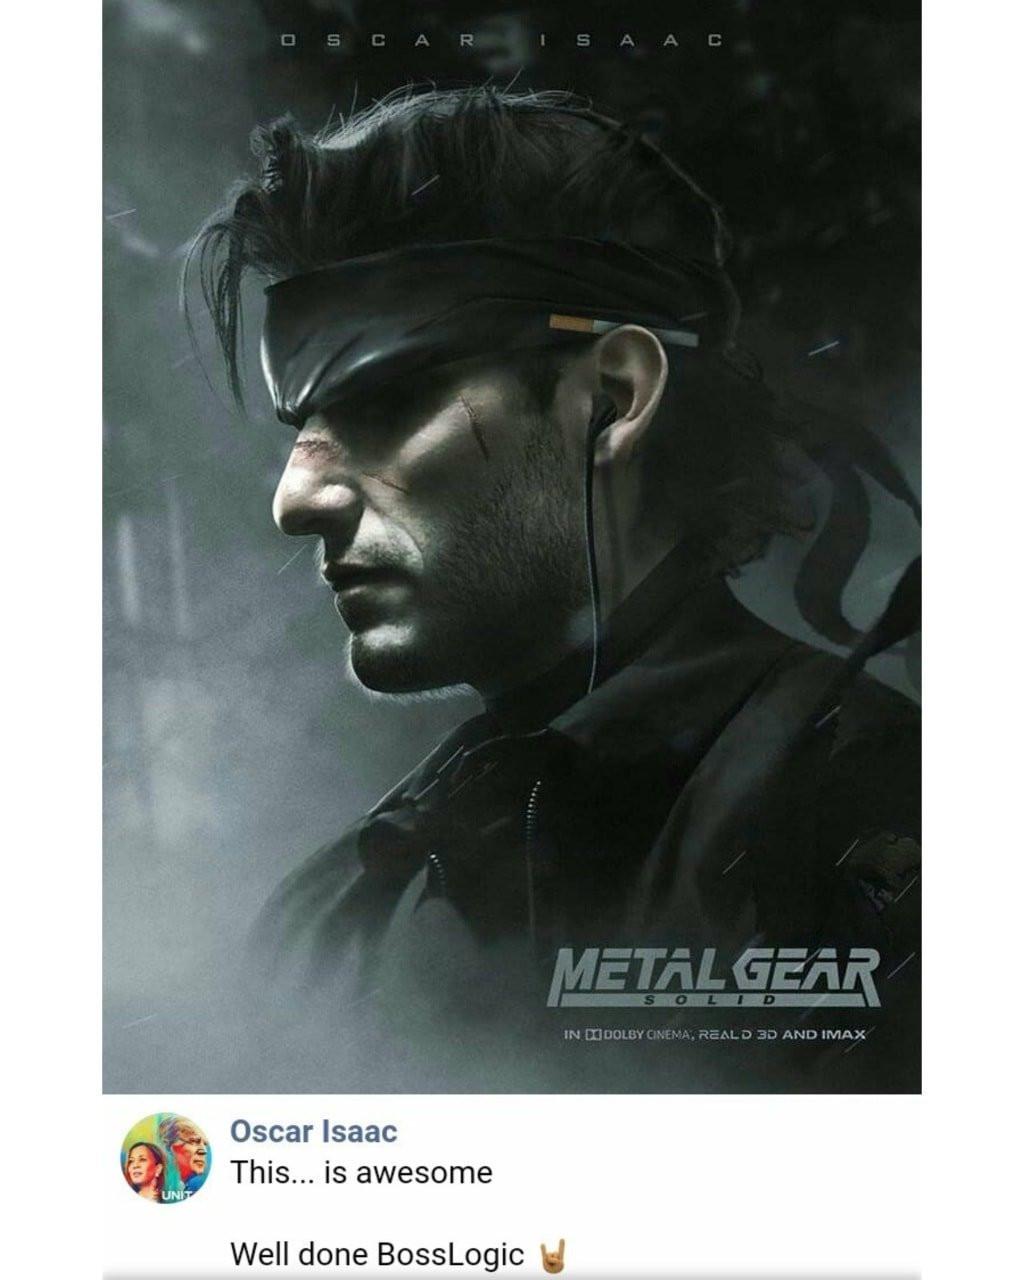 Oscar Isaac Solid Snake Metal Gear Fan Art